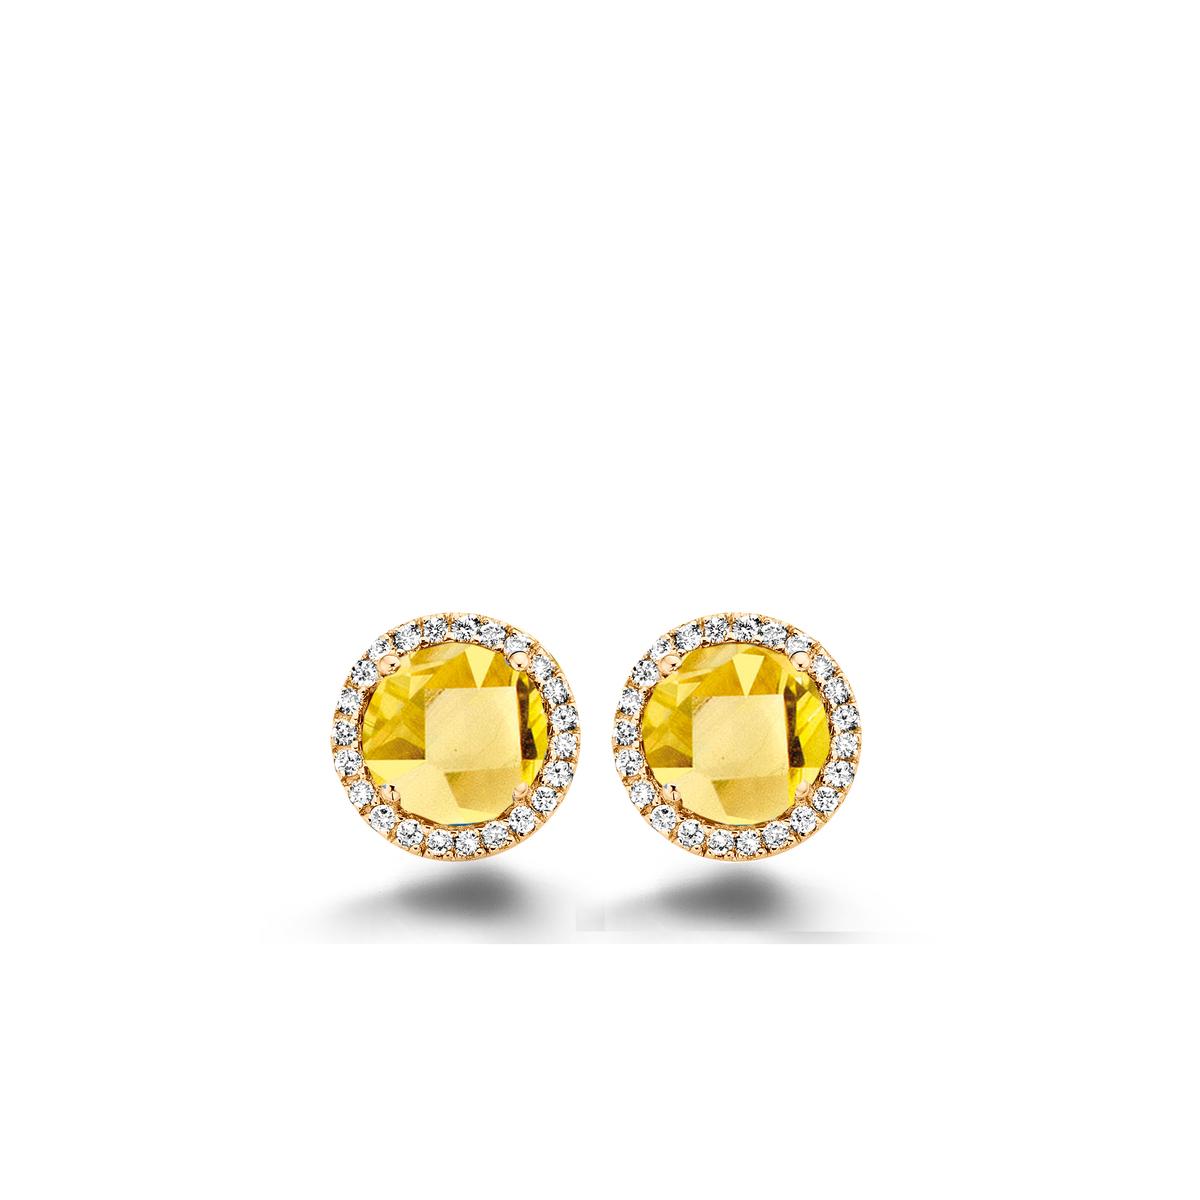 etna earrings in yellow gold